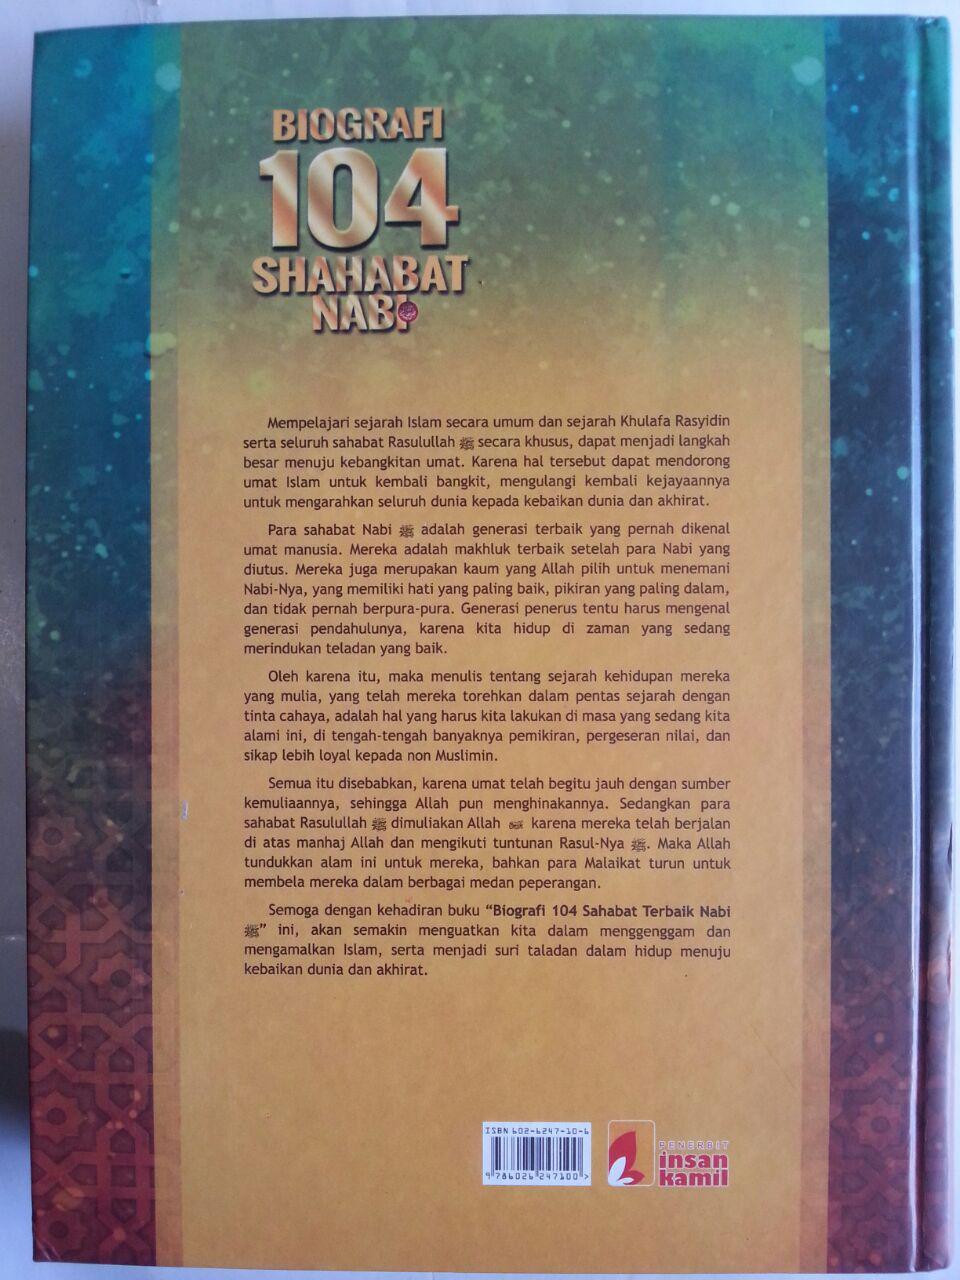 Buku Biografi 104 Shahabat Nabi cover